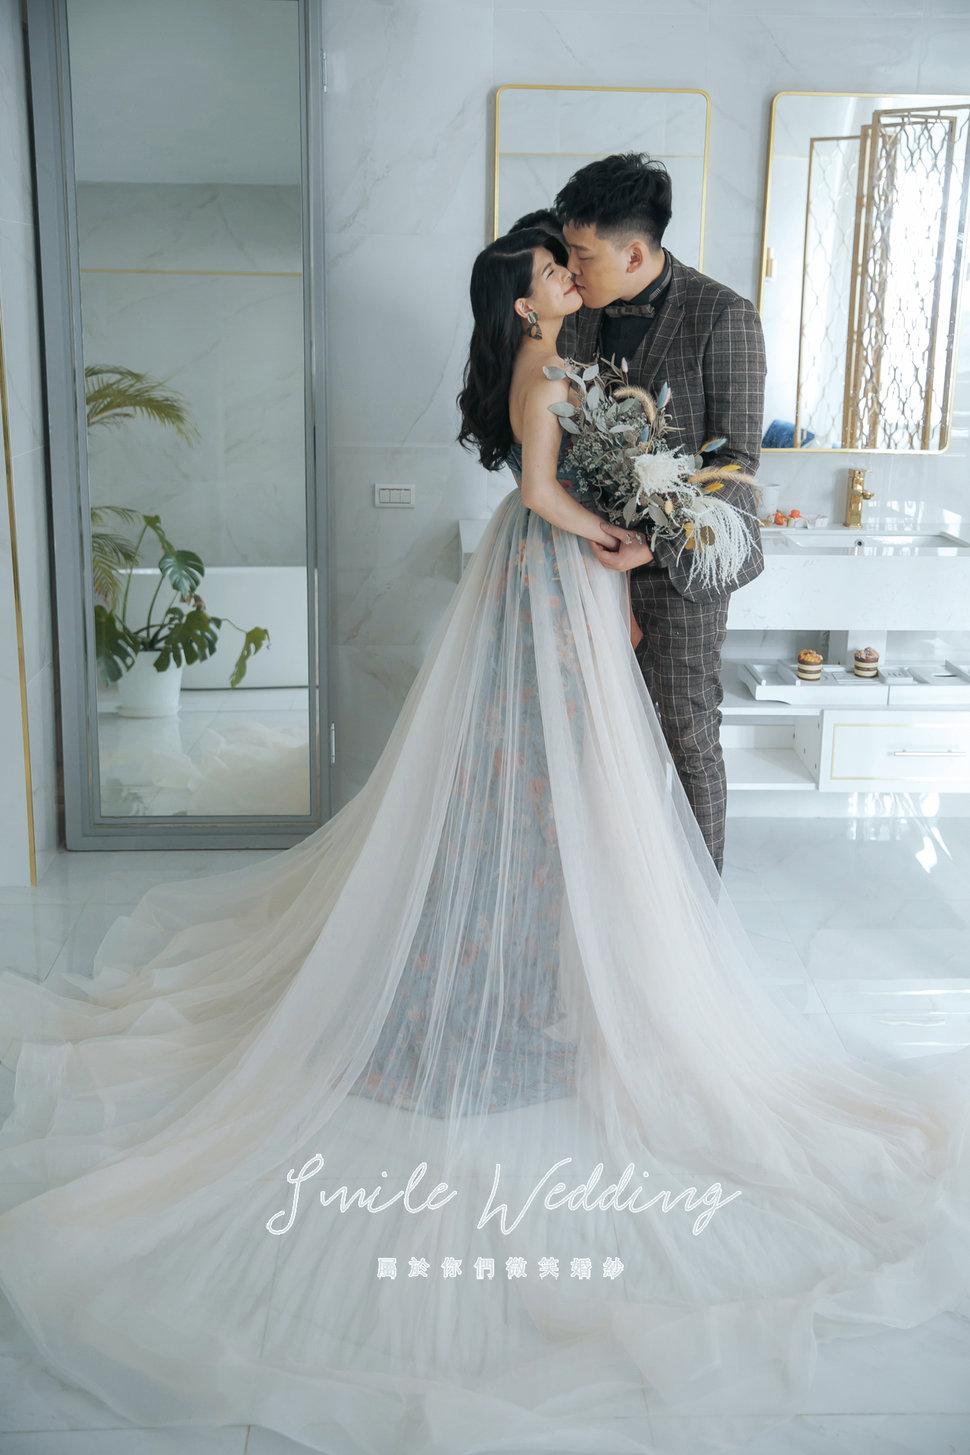 6W5A3173 - Smile wedding 微笑婚紗《結婚吧》